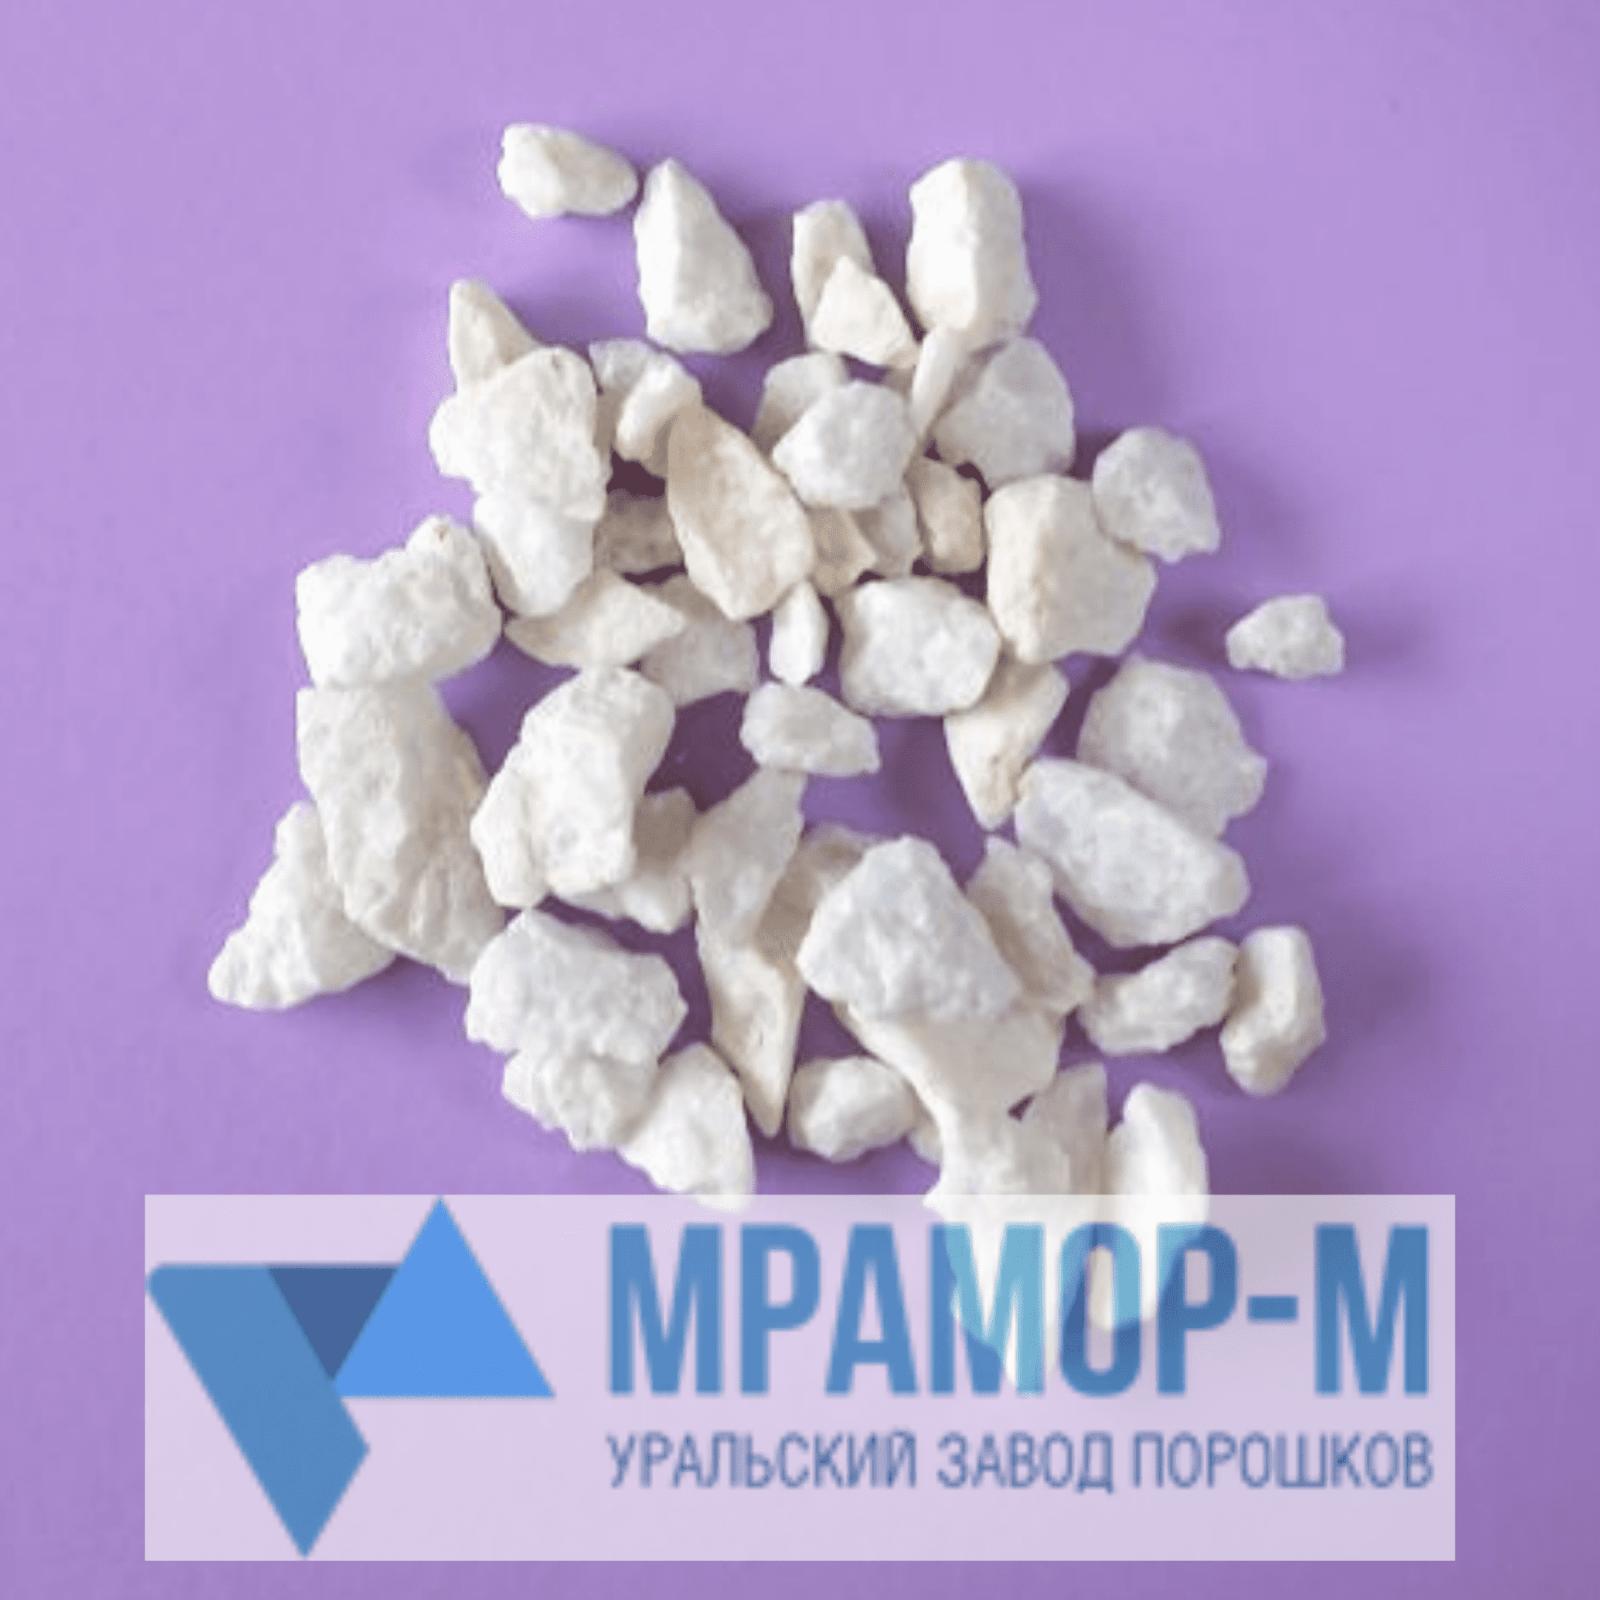 щебень мраморный белый 5-20 мм